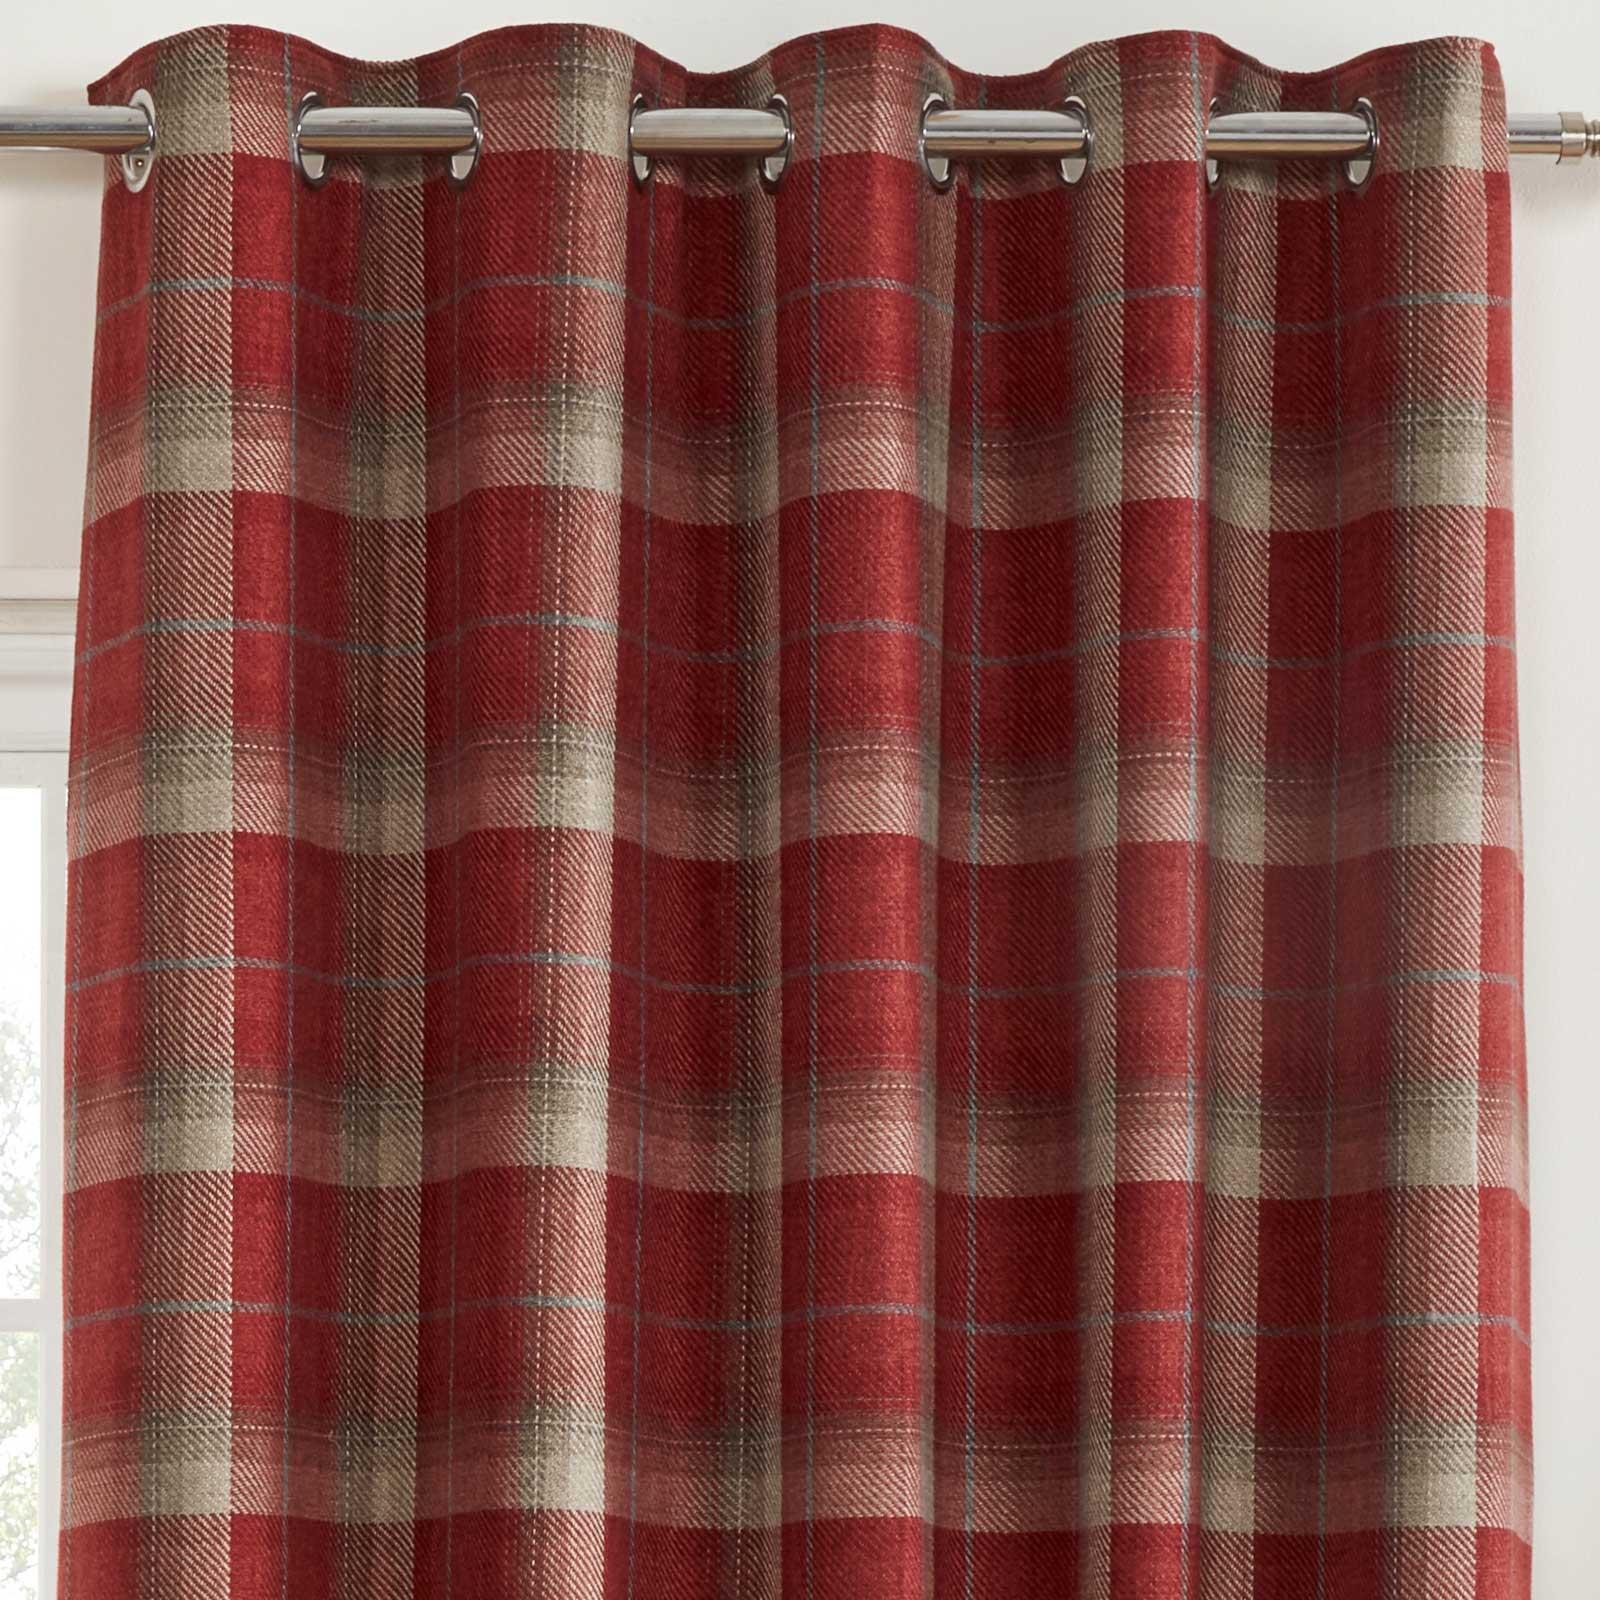 Cortinas-DE-ORIFICIOS-Rojo-Blackout-Tartan-Check-Ready-Made-acogedor-Anillo-Superior-Cortina-Pares miniatura 3